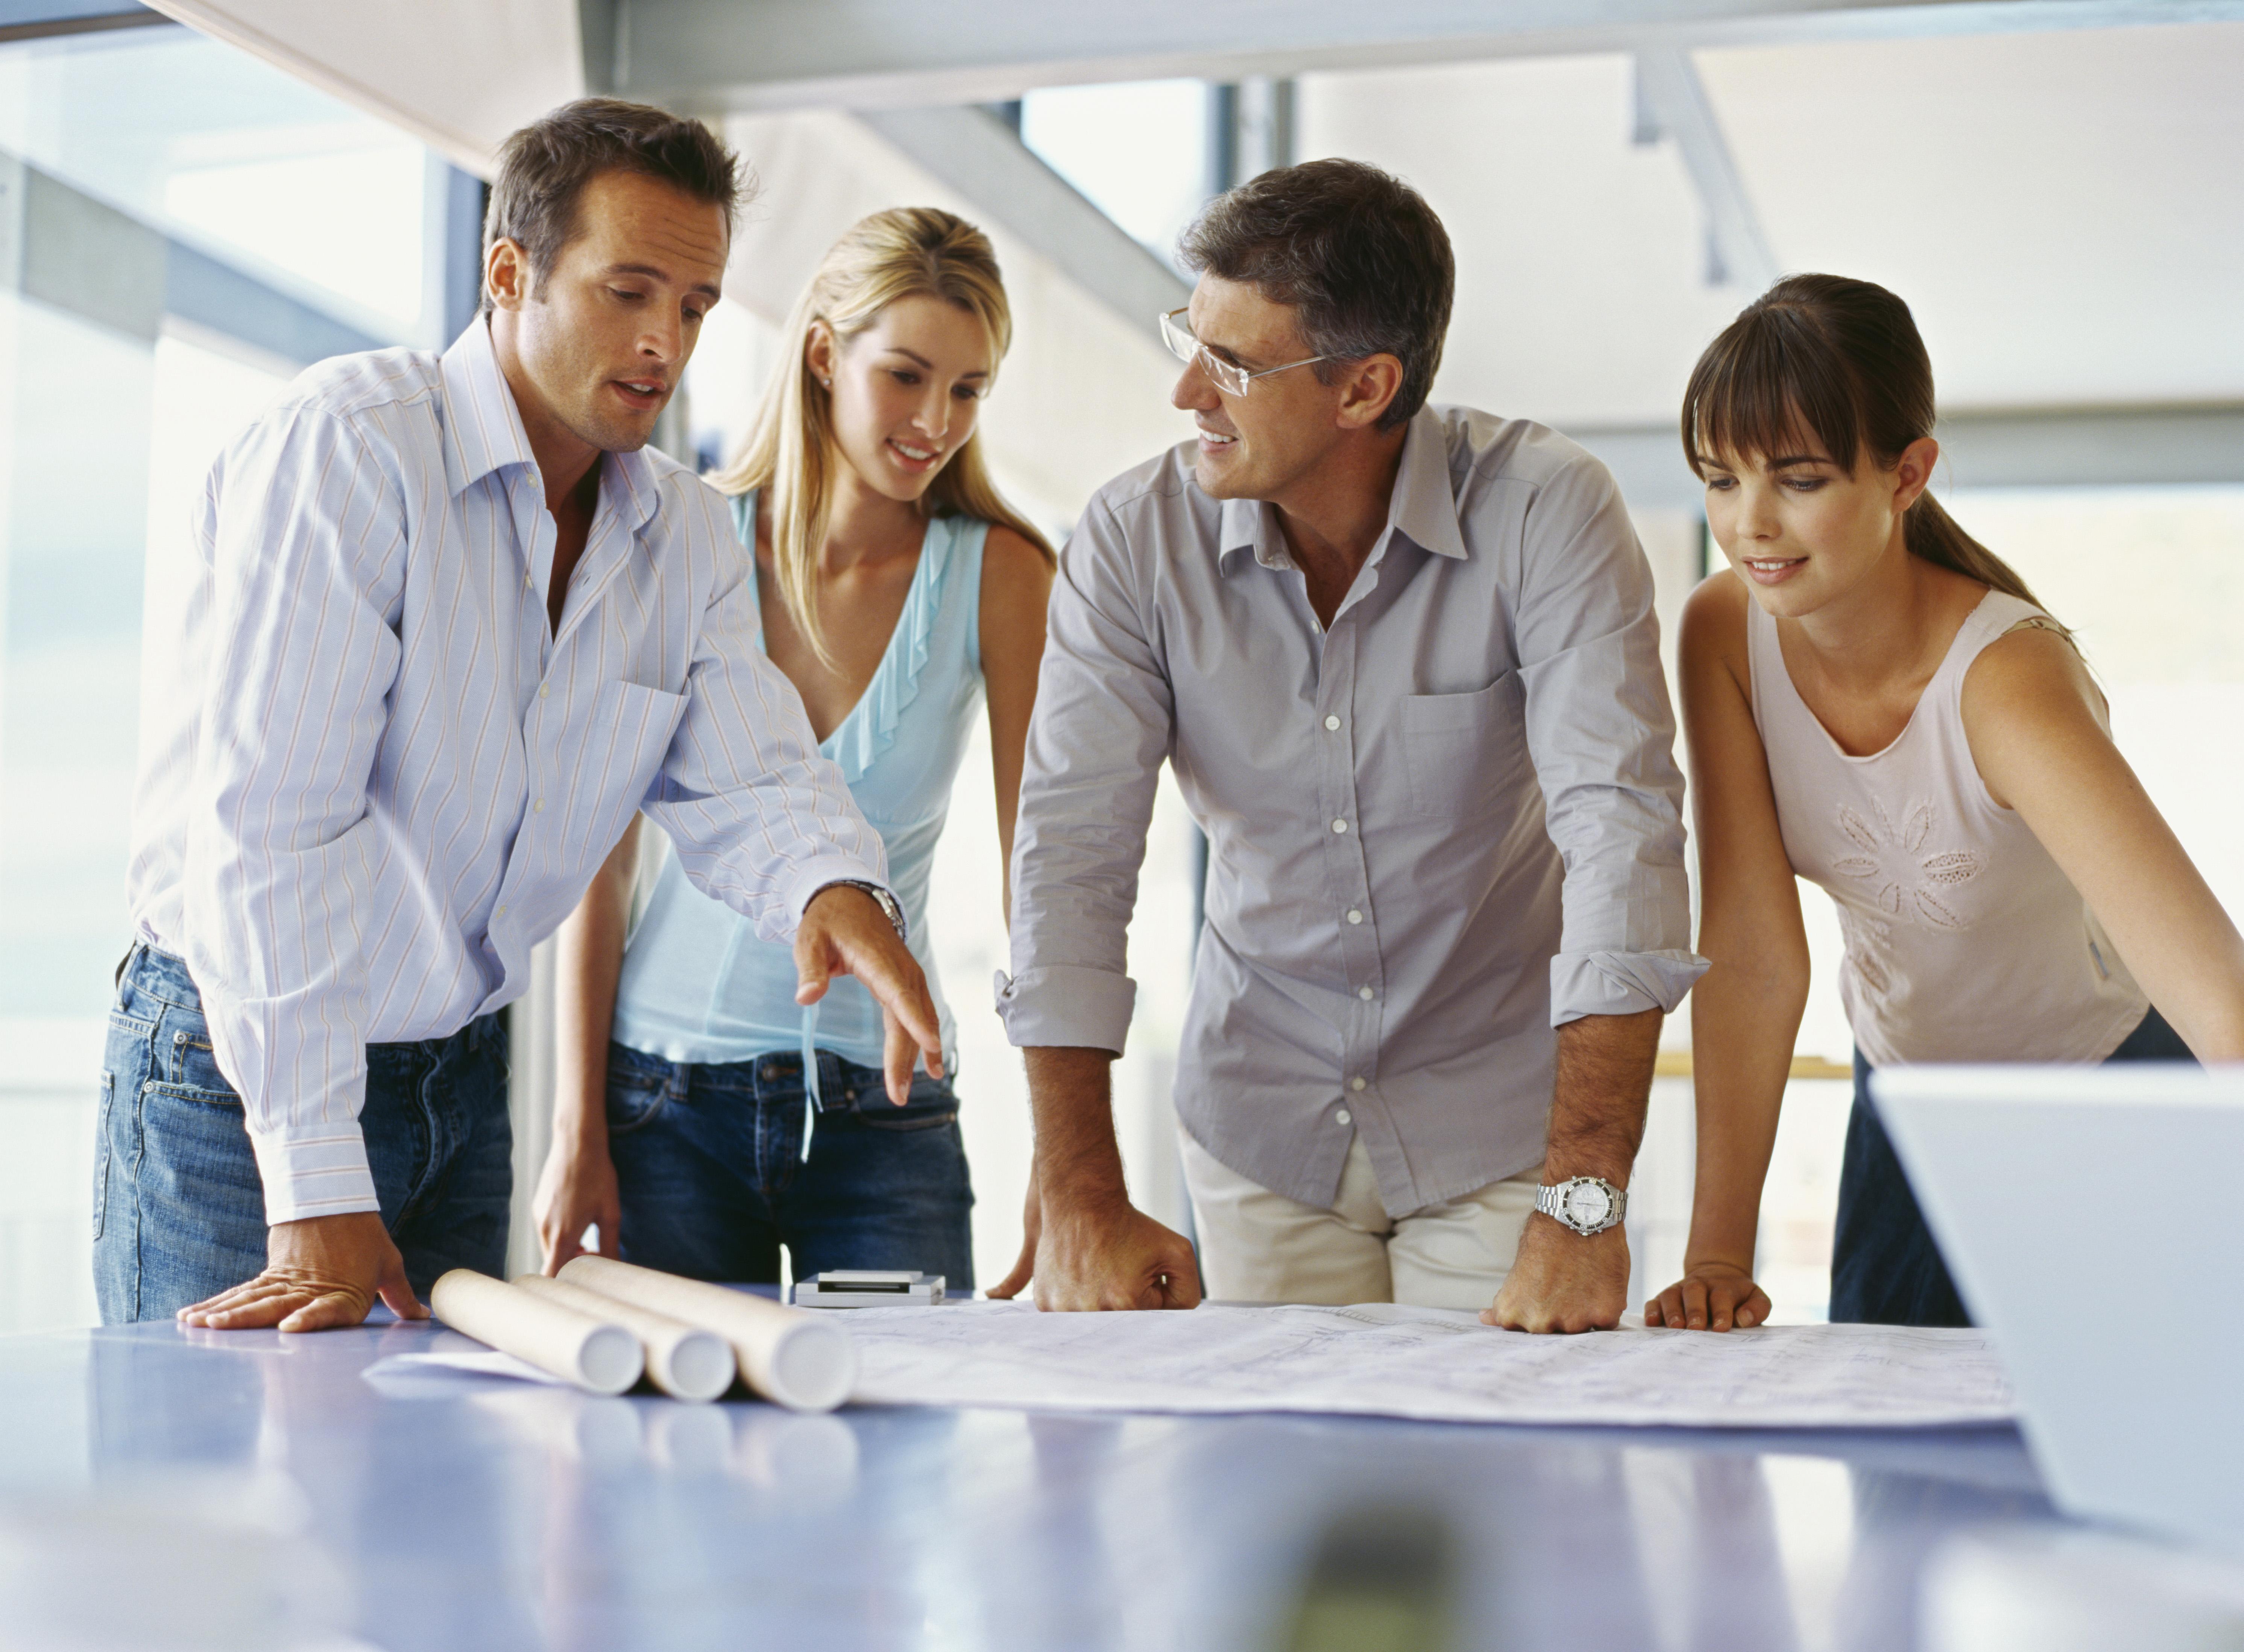 trabajo-en-equipo Habilidades directivas: ¿Cómo encajar mejor en el trabajo en equipo?